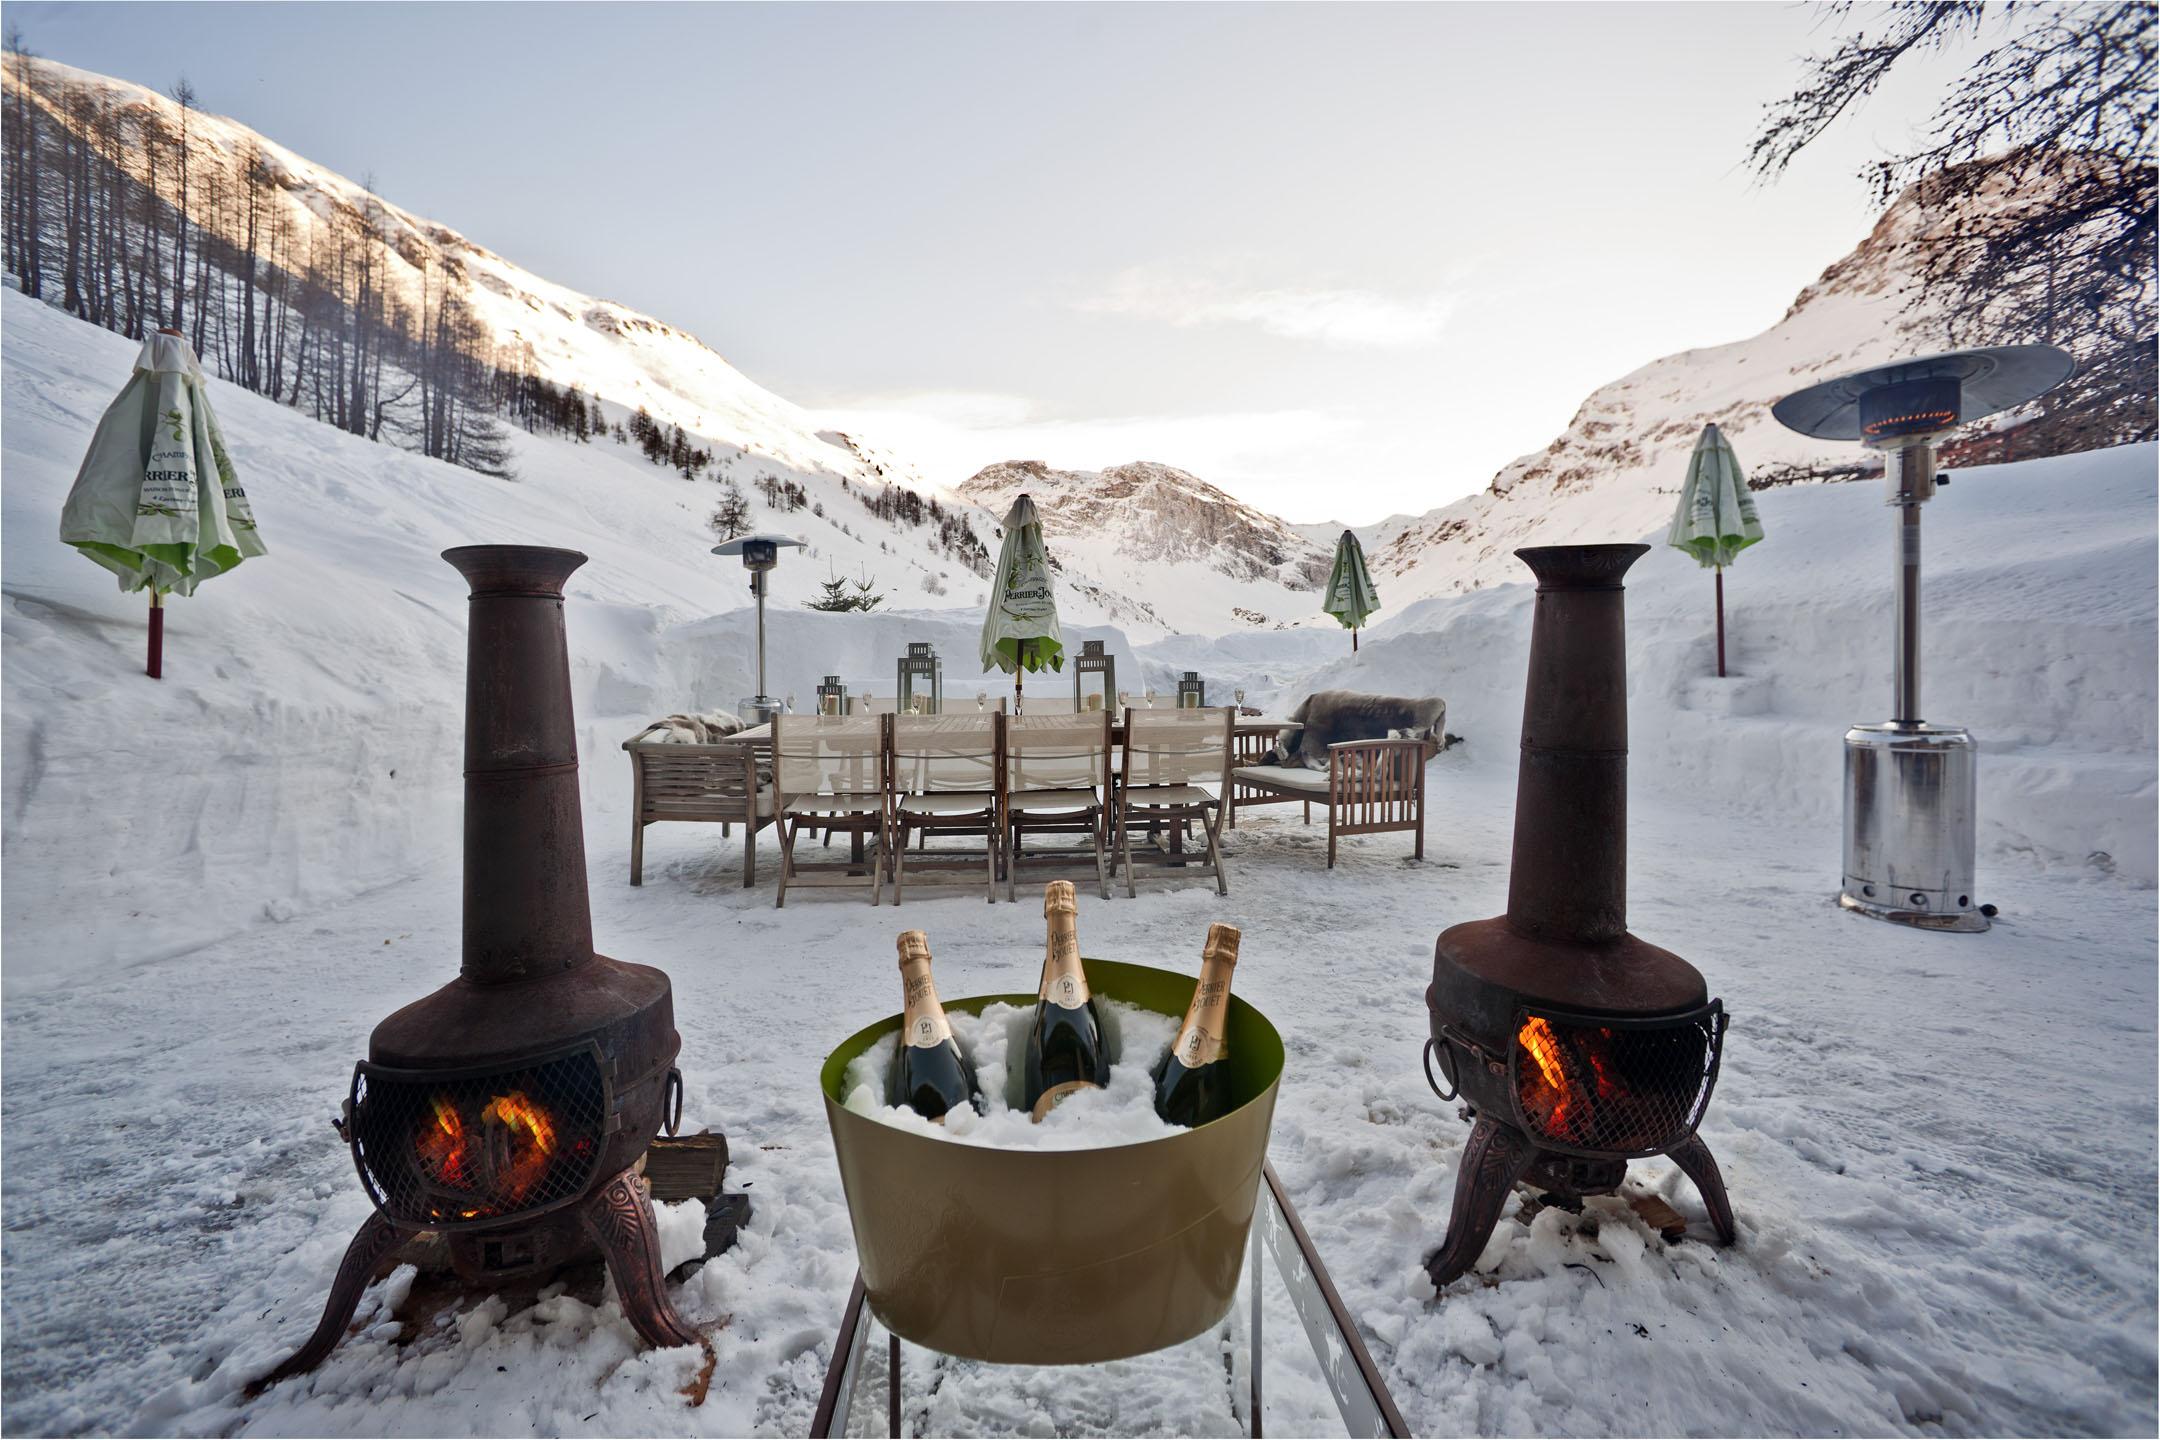 Ali ste pripravljeni na najbolj luksuzne zimske destinacije? (Chalet Le Chardon, Val d'Isere, Francija)